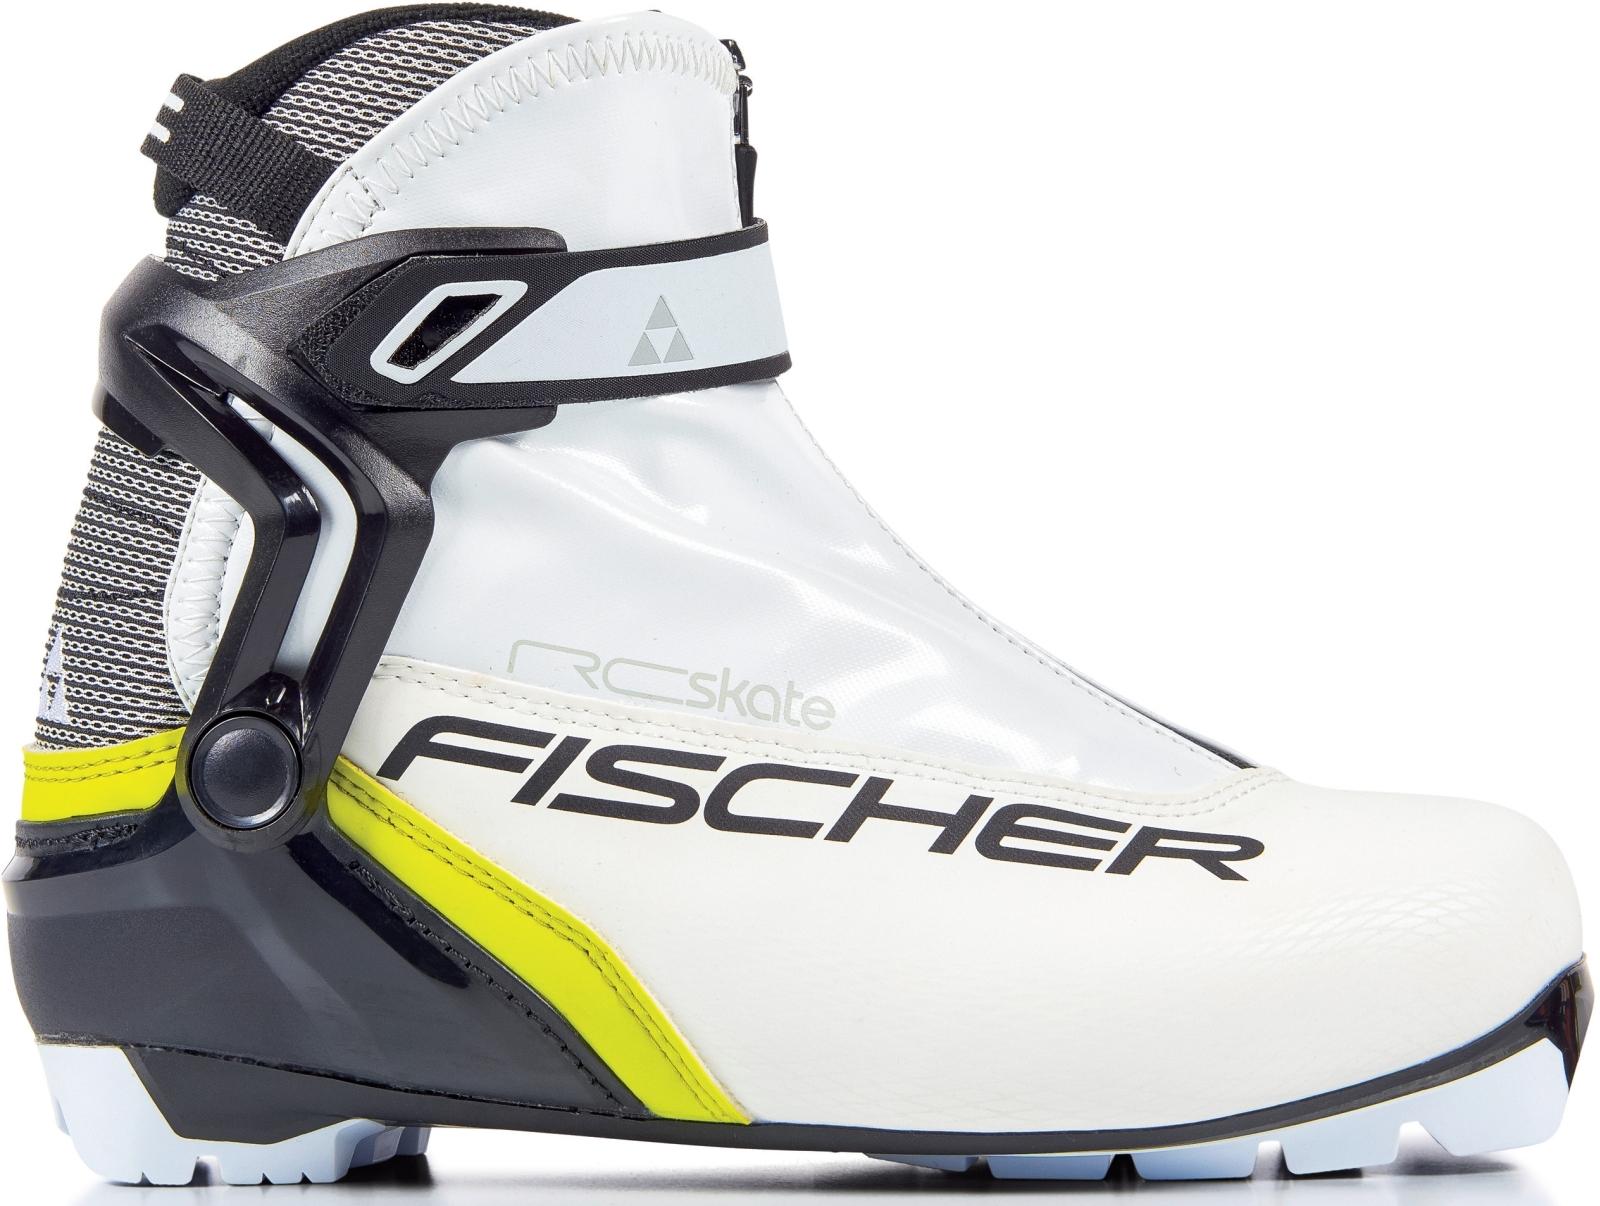 Fischer RC Skate Ws 41